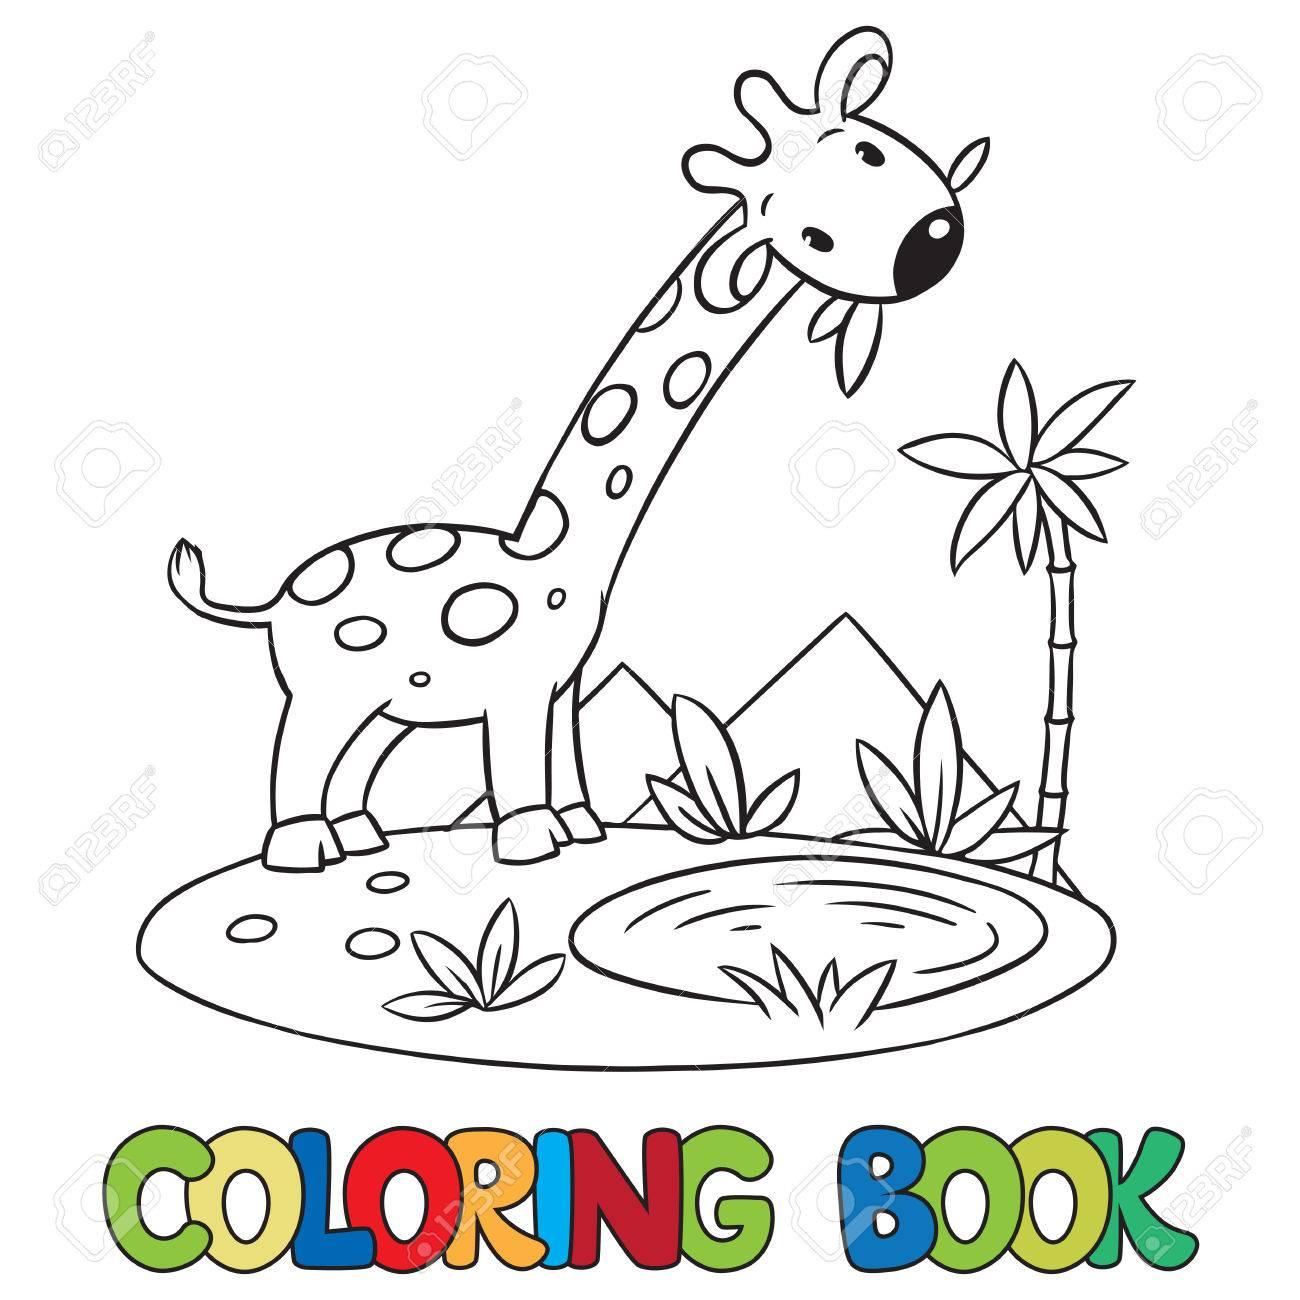 Libro Para Colorear O Una Imagen Para Colorear De Pequeña Jirafa Divertida De Comer Hojas Verdes